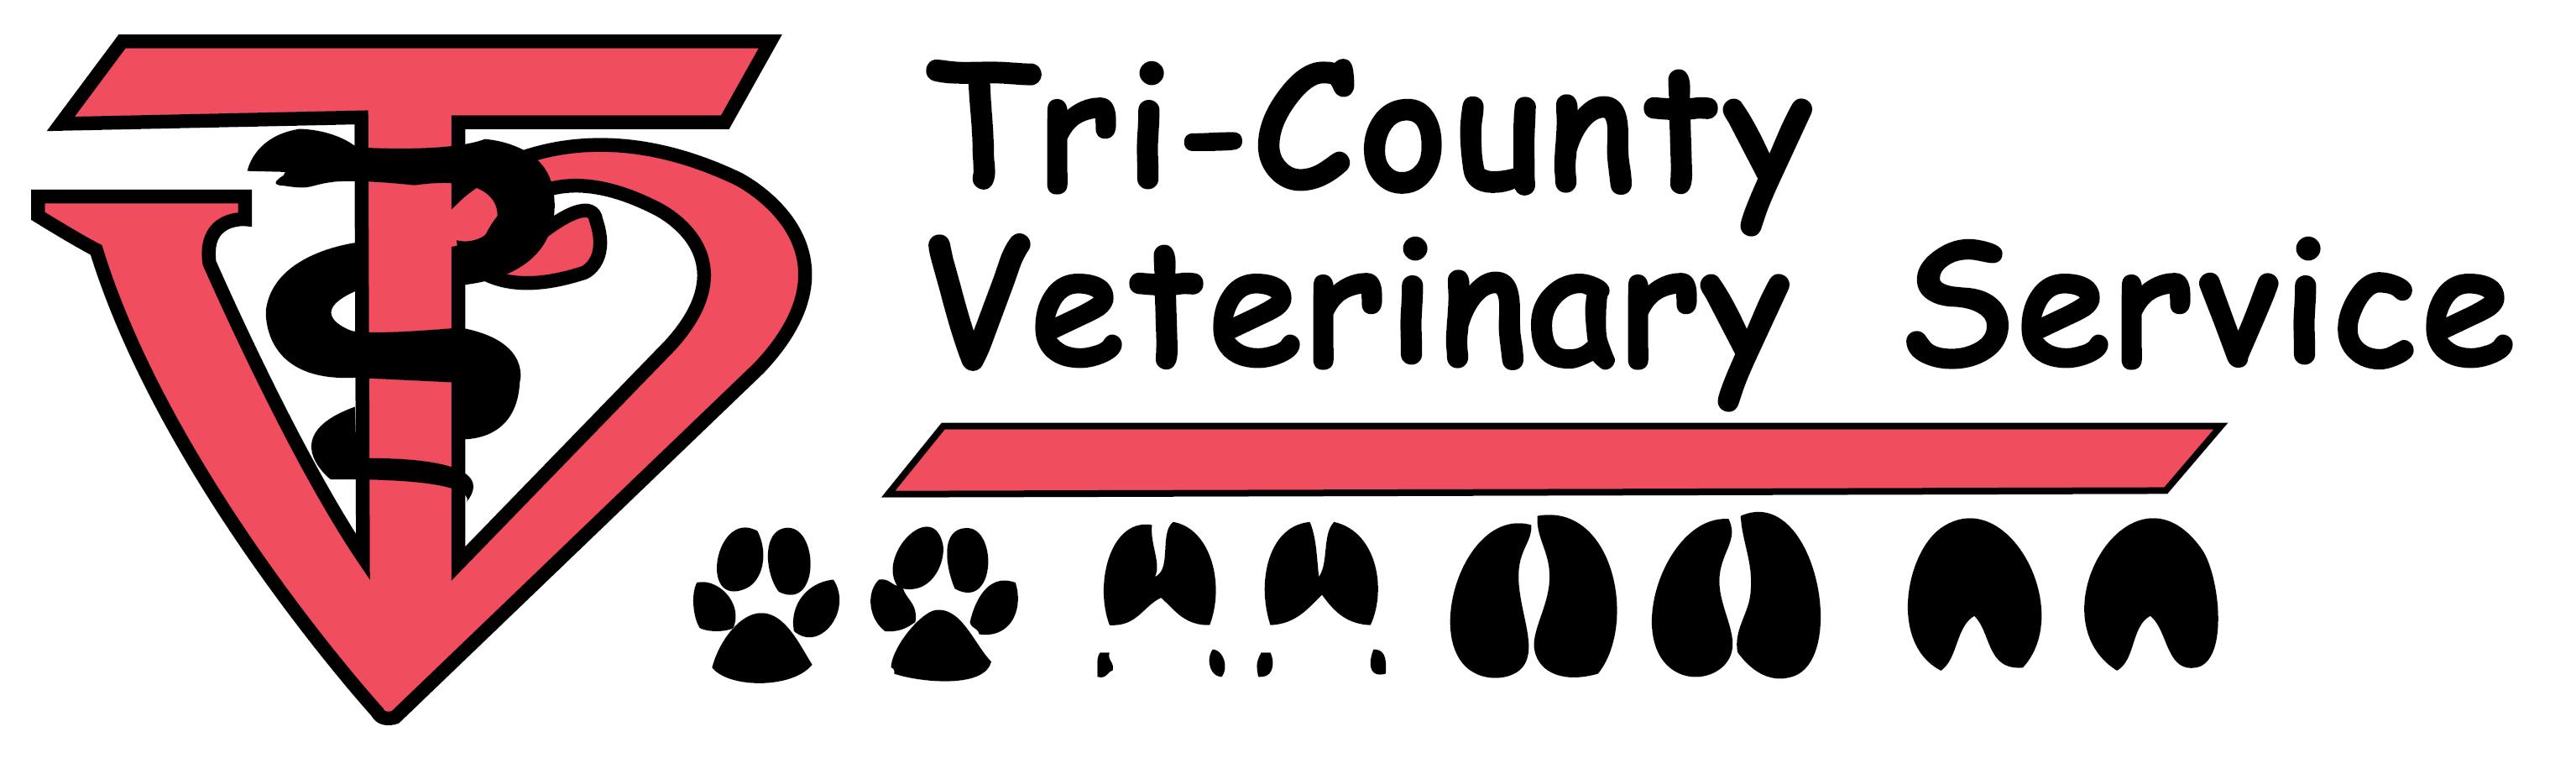 Tri-County Veterinary Service